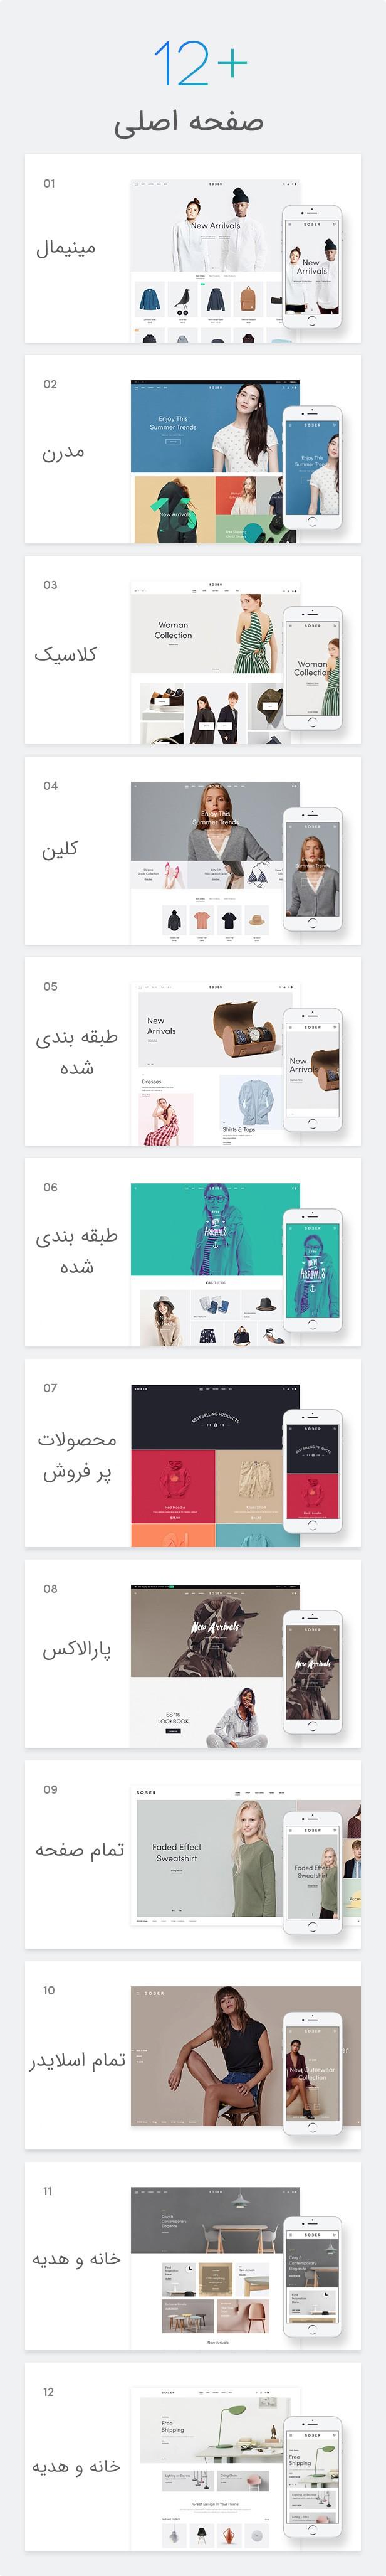 قالب SOBER | قالب سوبر قالب وردپرس فروشگاهی SOBER با طراحی مینیمال